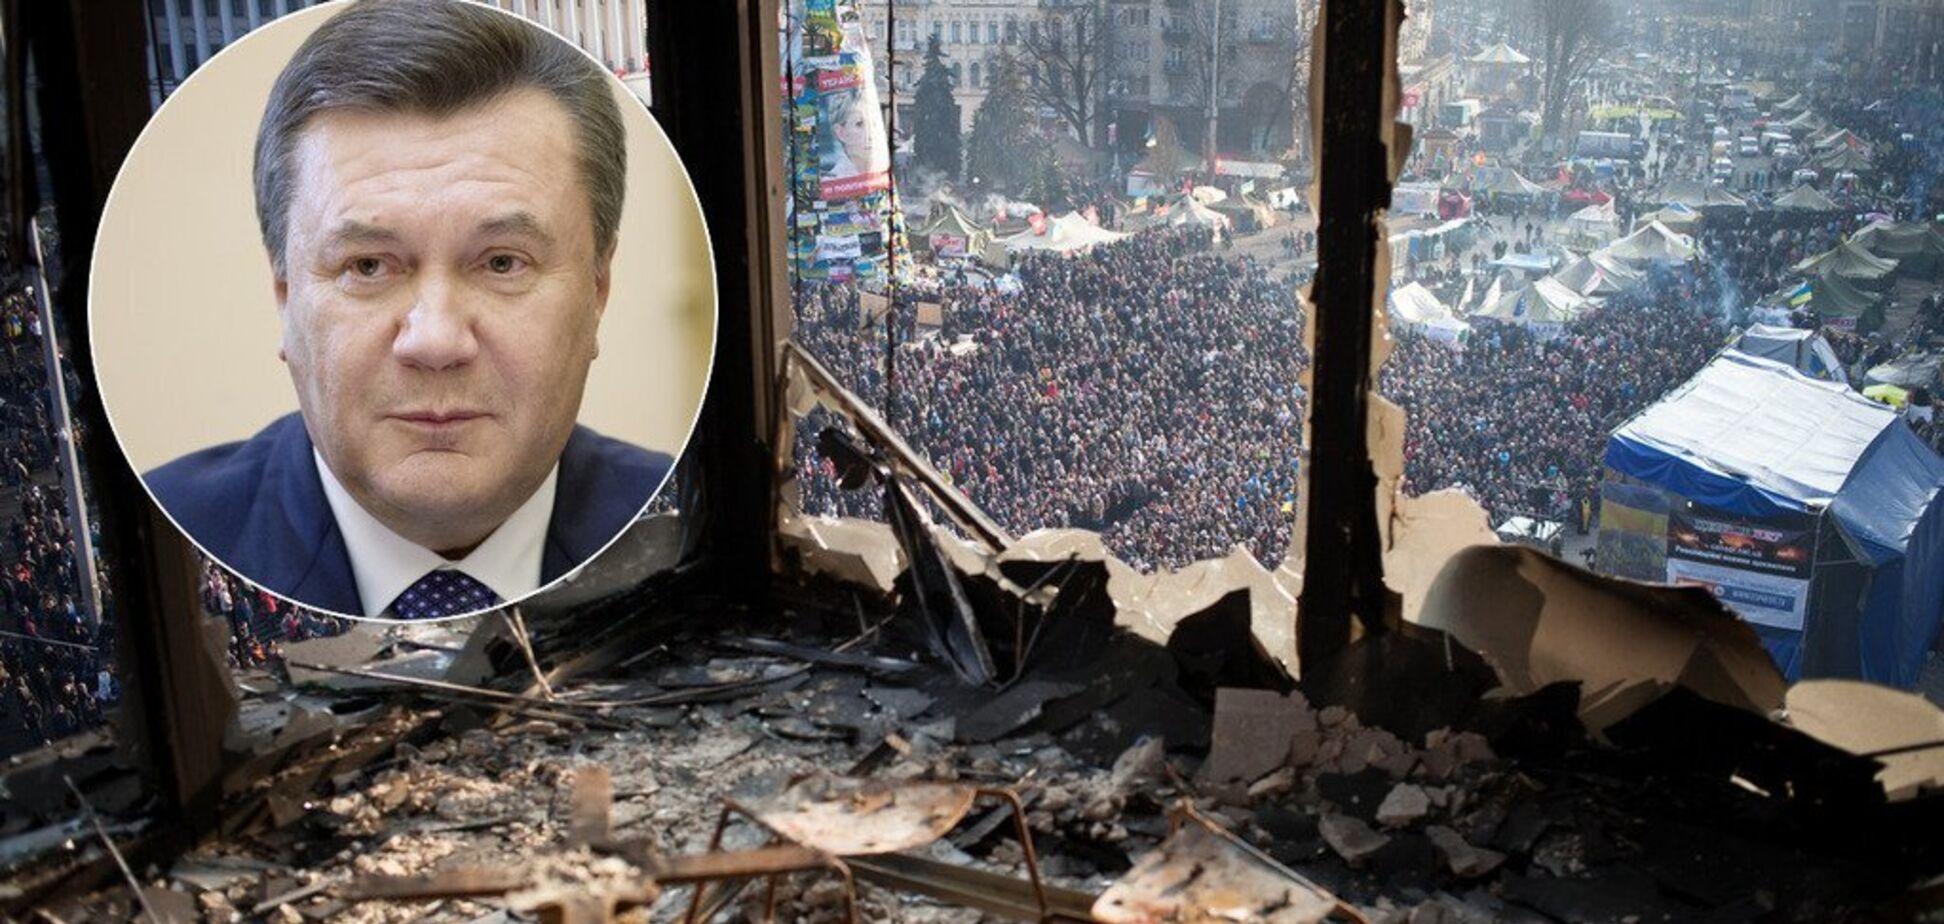 Втік після дзвінка пранкера? Стали відомі сенсаційні деталі повалення Януковича